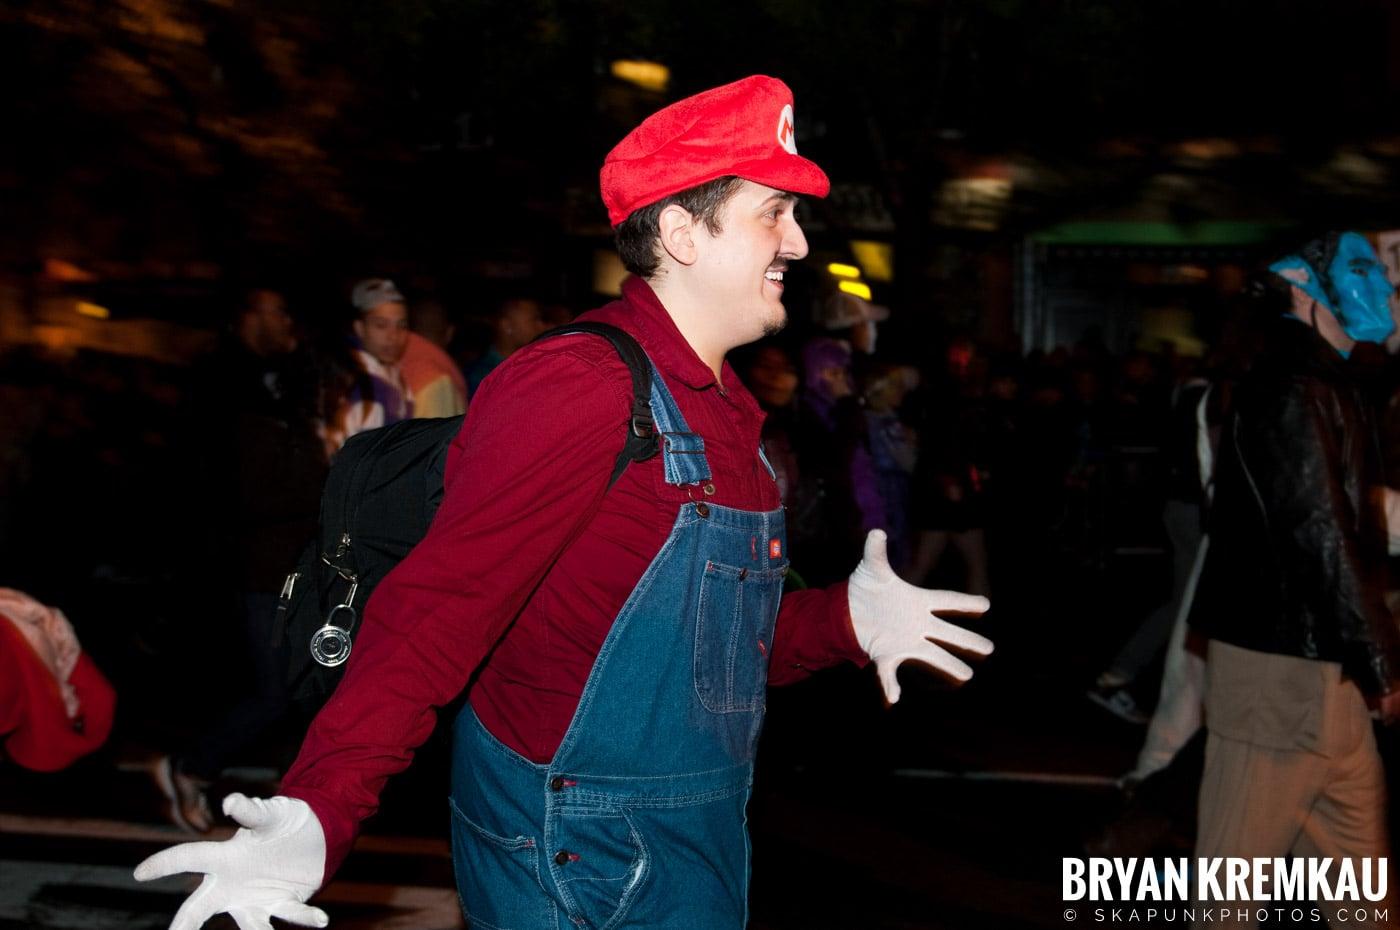 NYC Halloween Parade 2011 @ New York, NY - 10.31.11 (20)